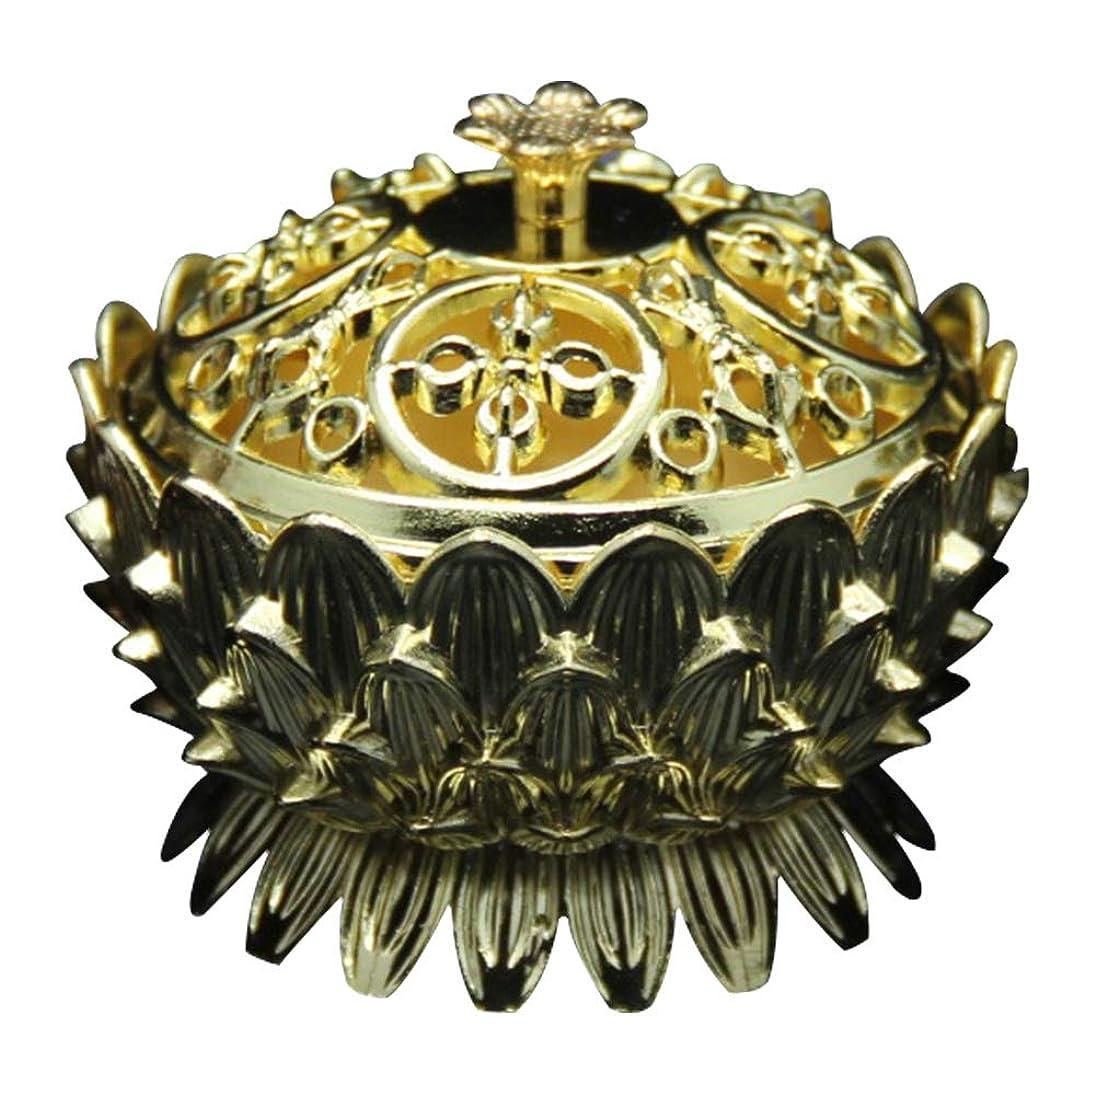 豪華な日カフェRetro Zinc Copper Alloy Bronze Incense Burner Home Decor Mini Lotus Tibet Incense Burner Holder Fit for Stick Cone Coil Incense(Gold)